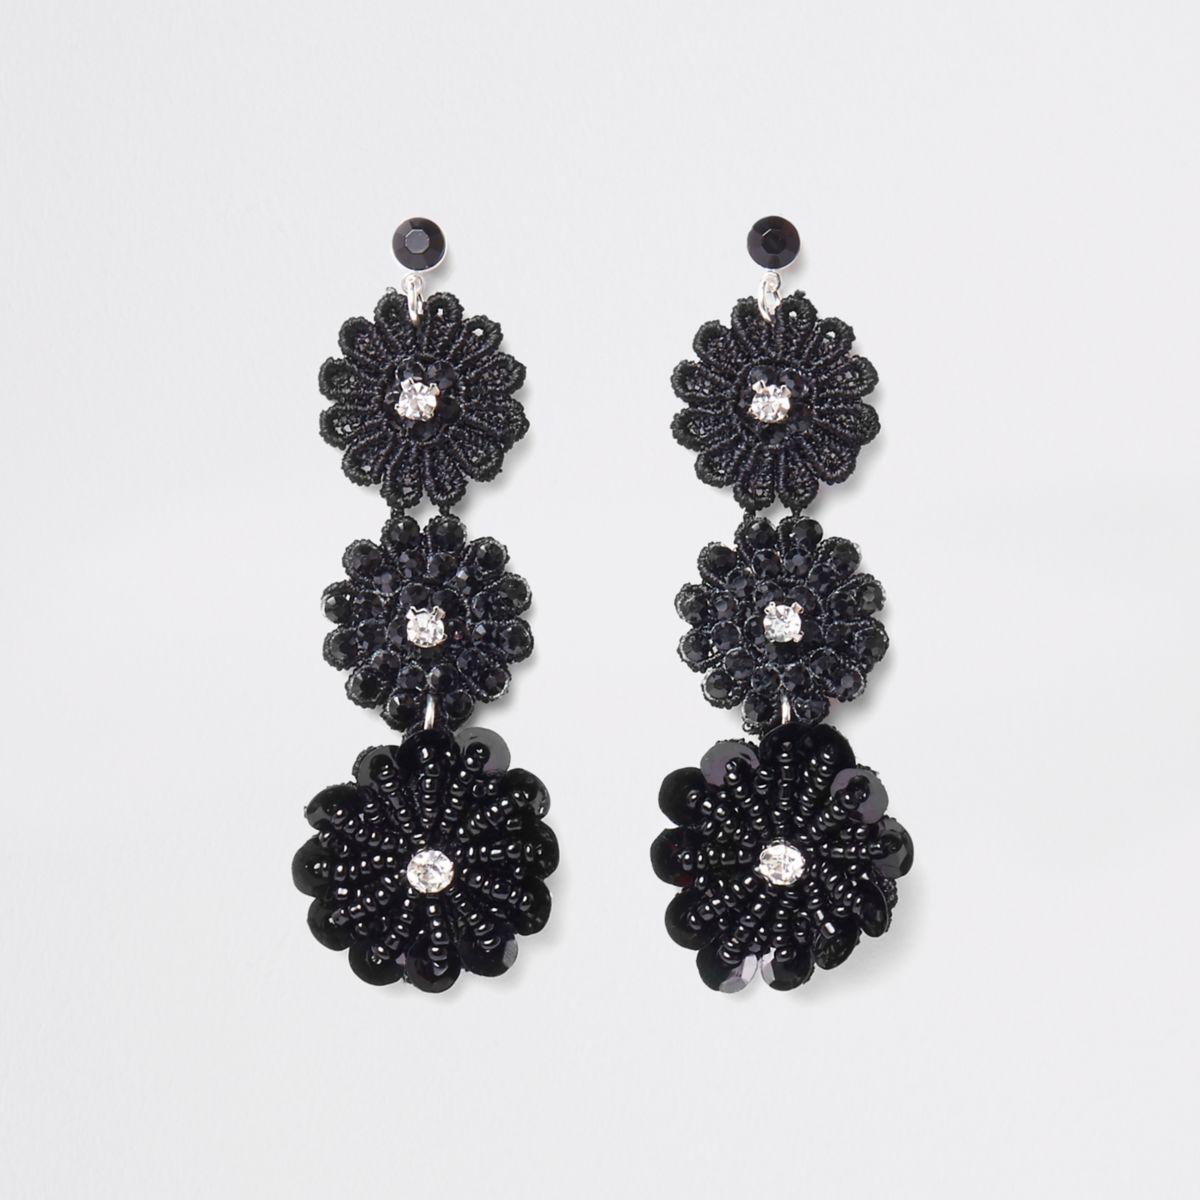 Zwarte oorknopjes met bloemen